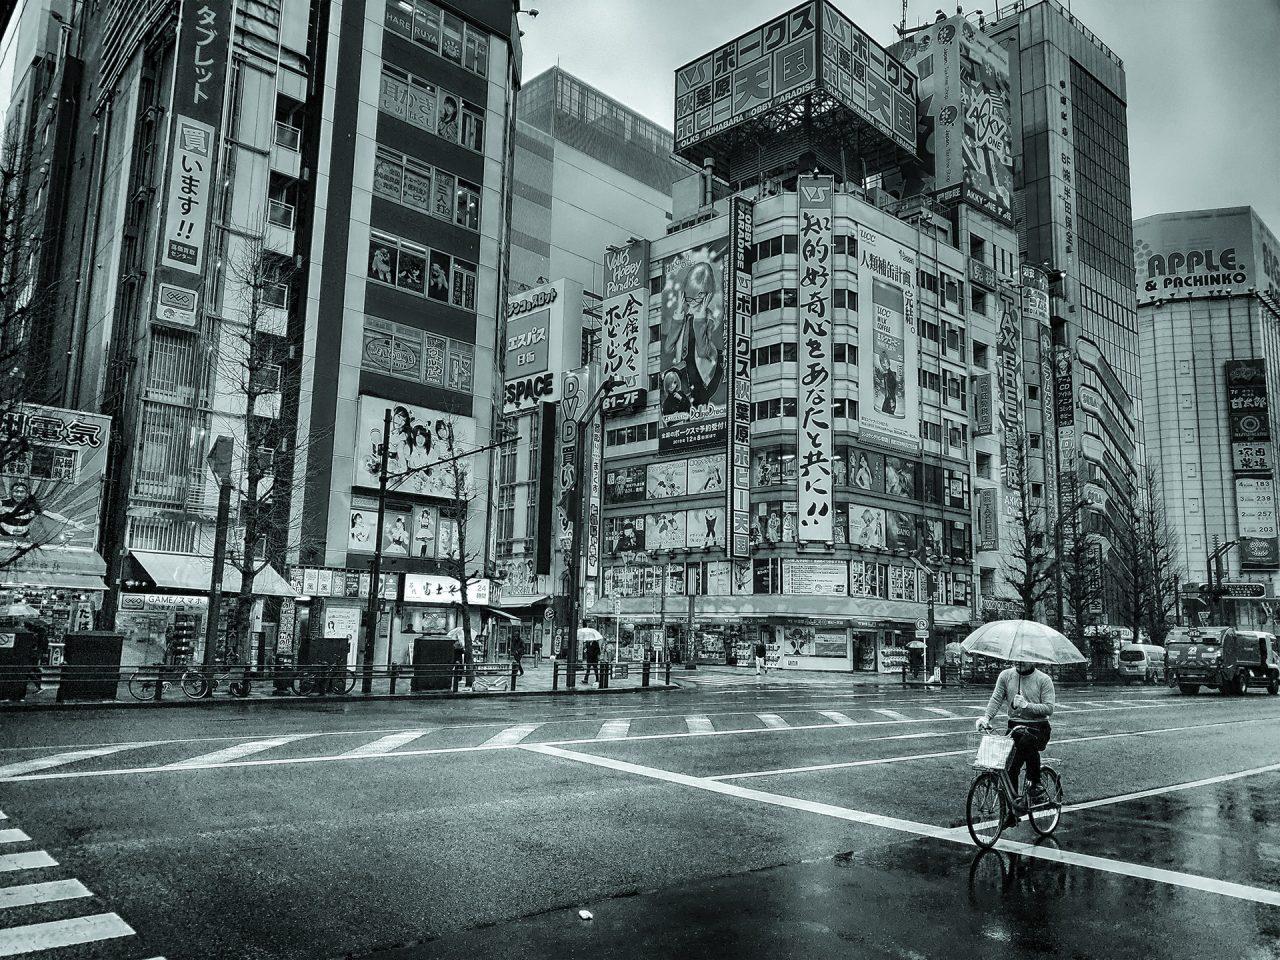 1 апреля 2020. Токио, Акихабара